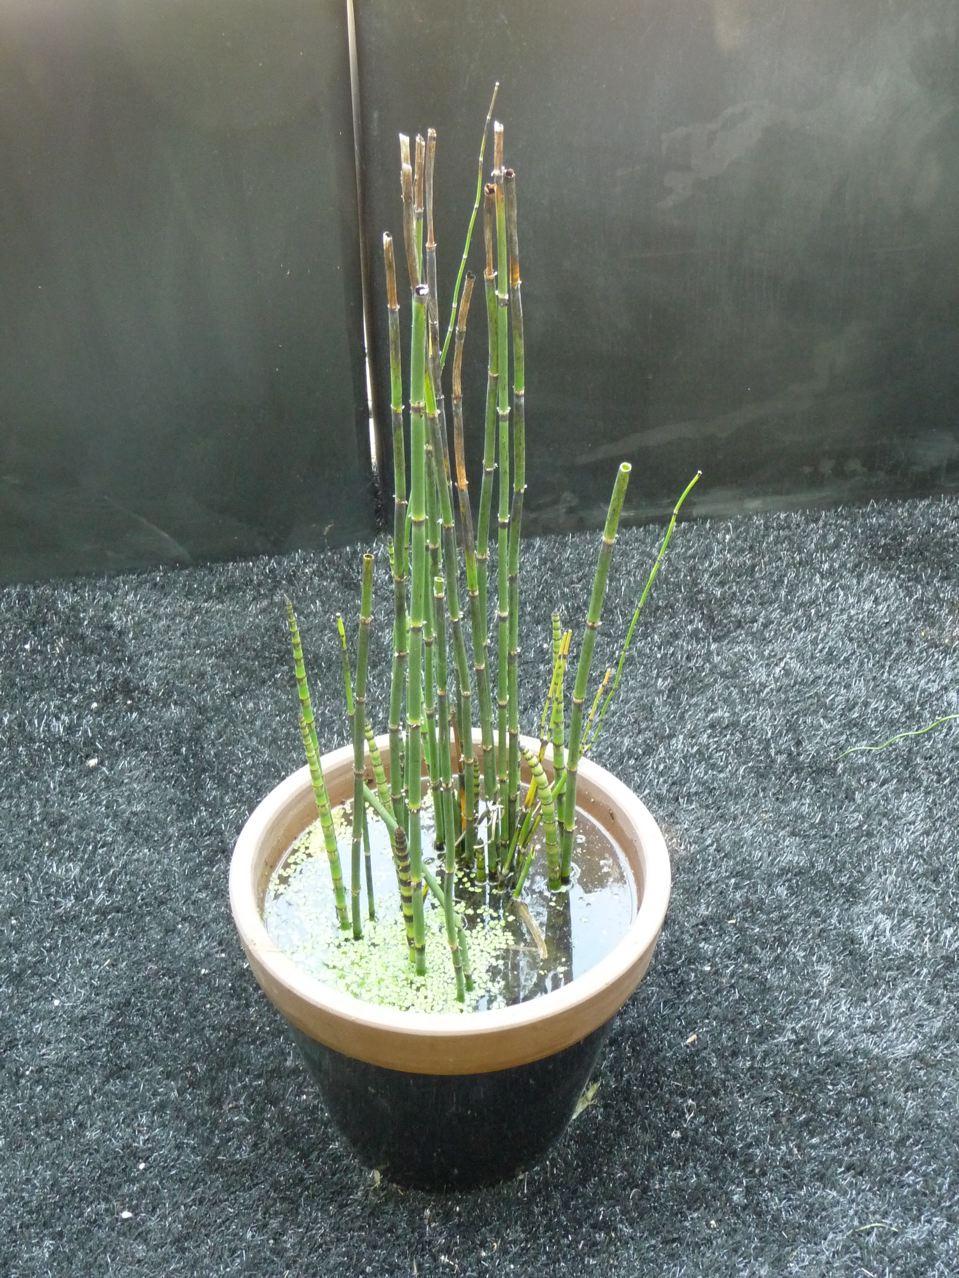 Mini bassin avec un pied de prêle du Japon et des lentilles d'eau, Salon Jardins Jardin 2009, photo Alain Delavie